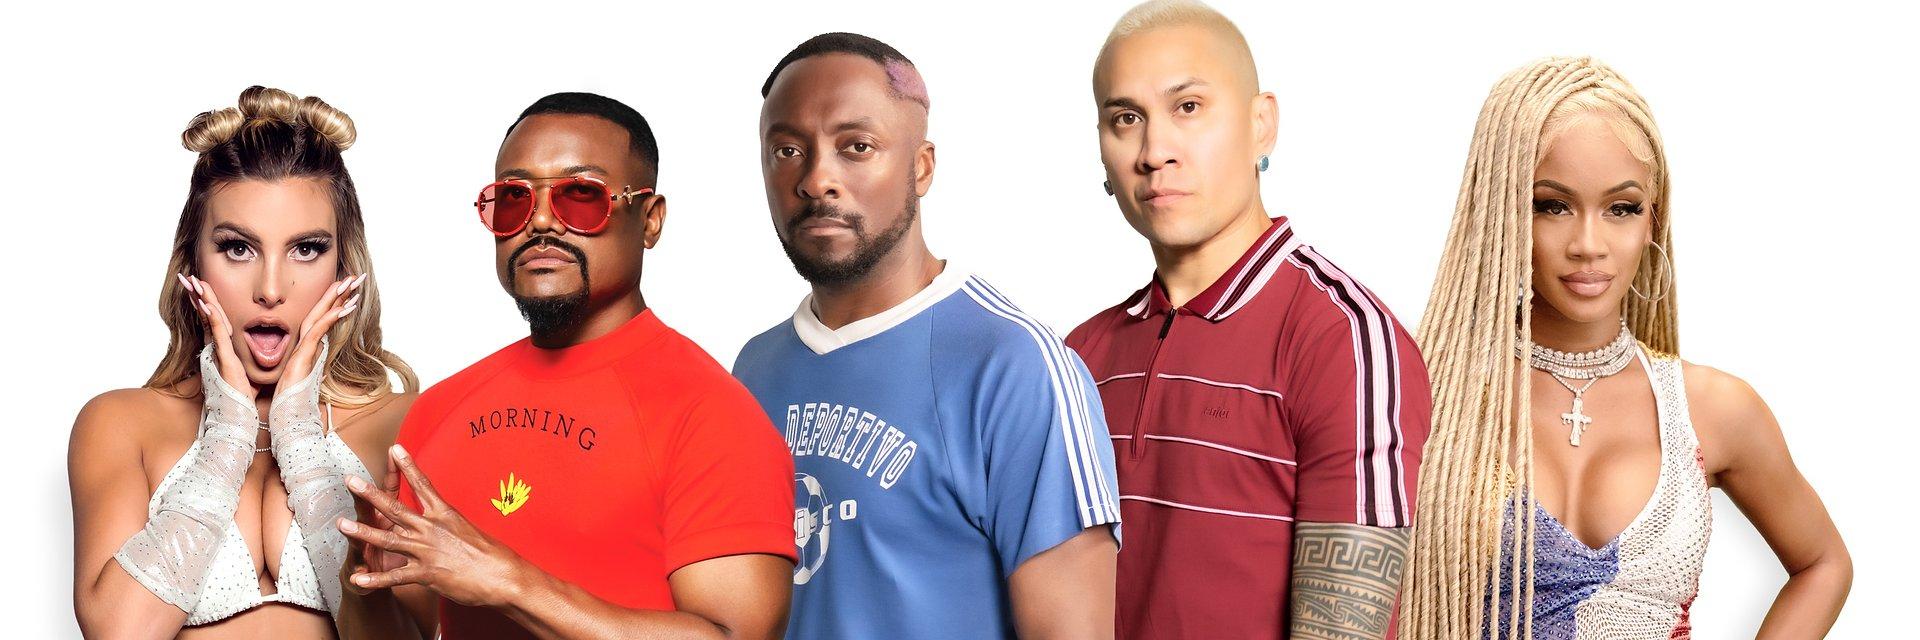 Nowy klip Black Eyed Peas nas uderzy